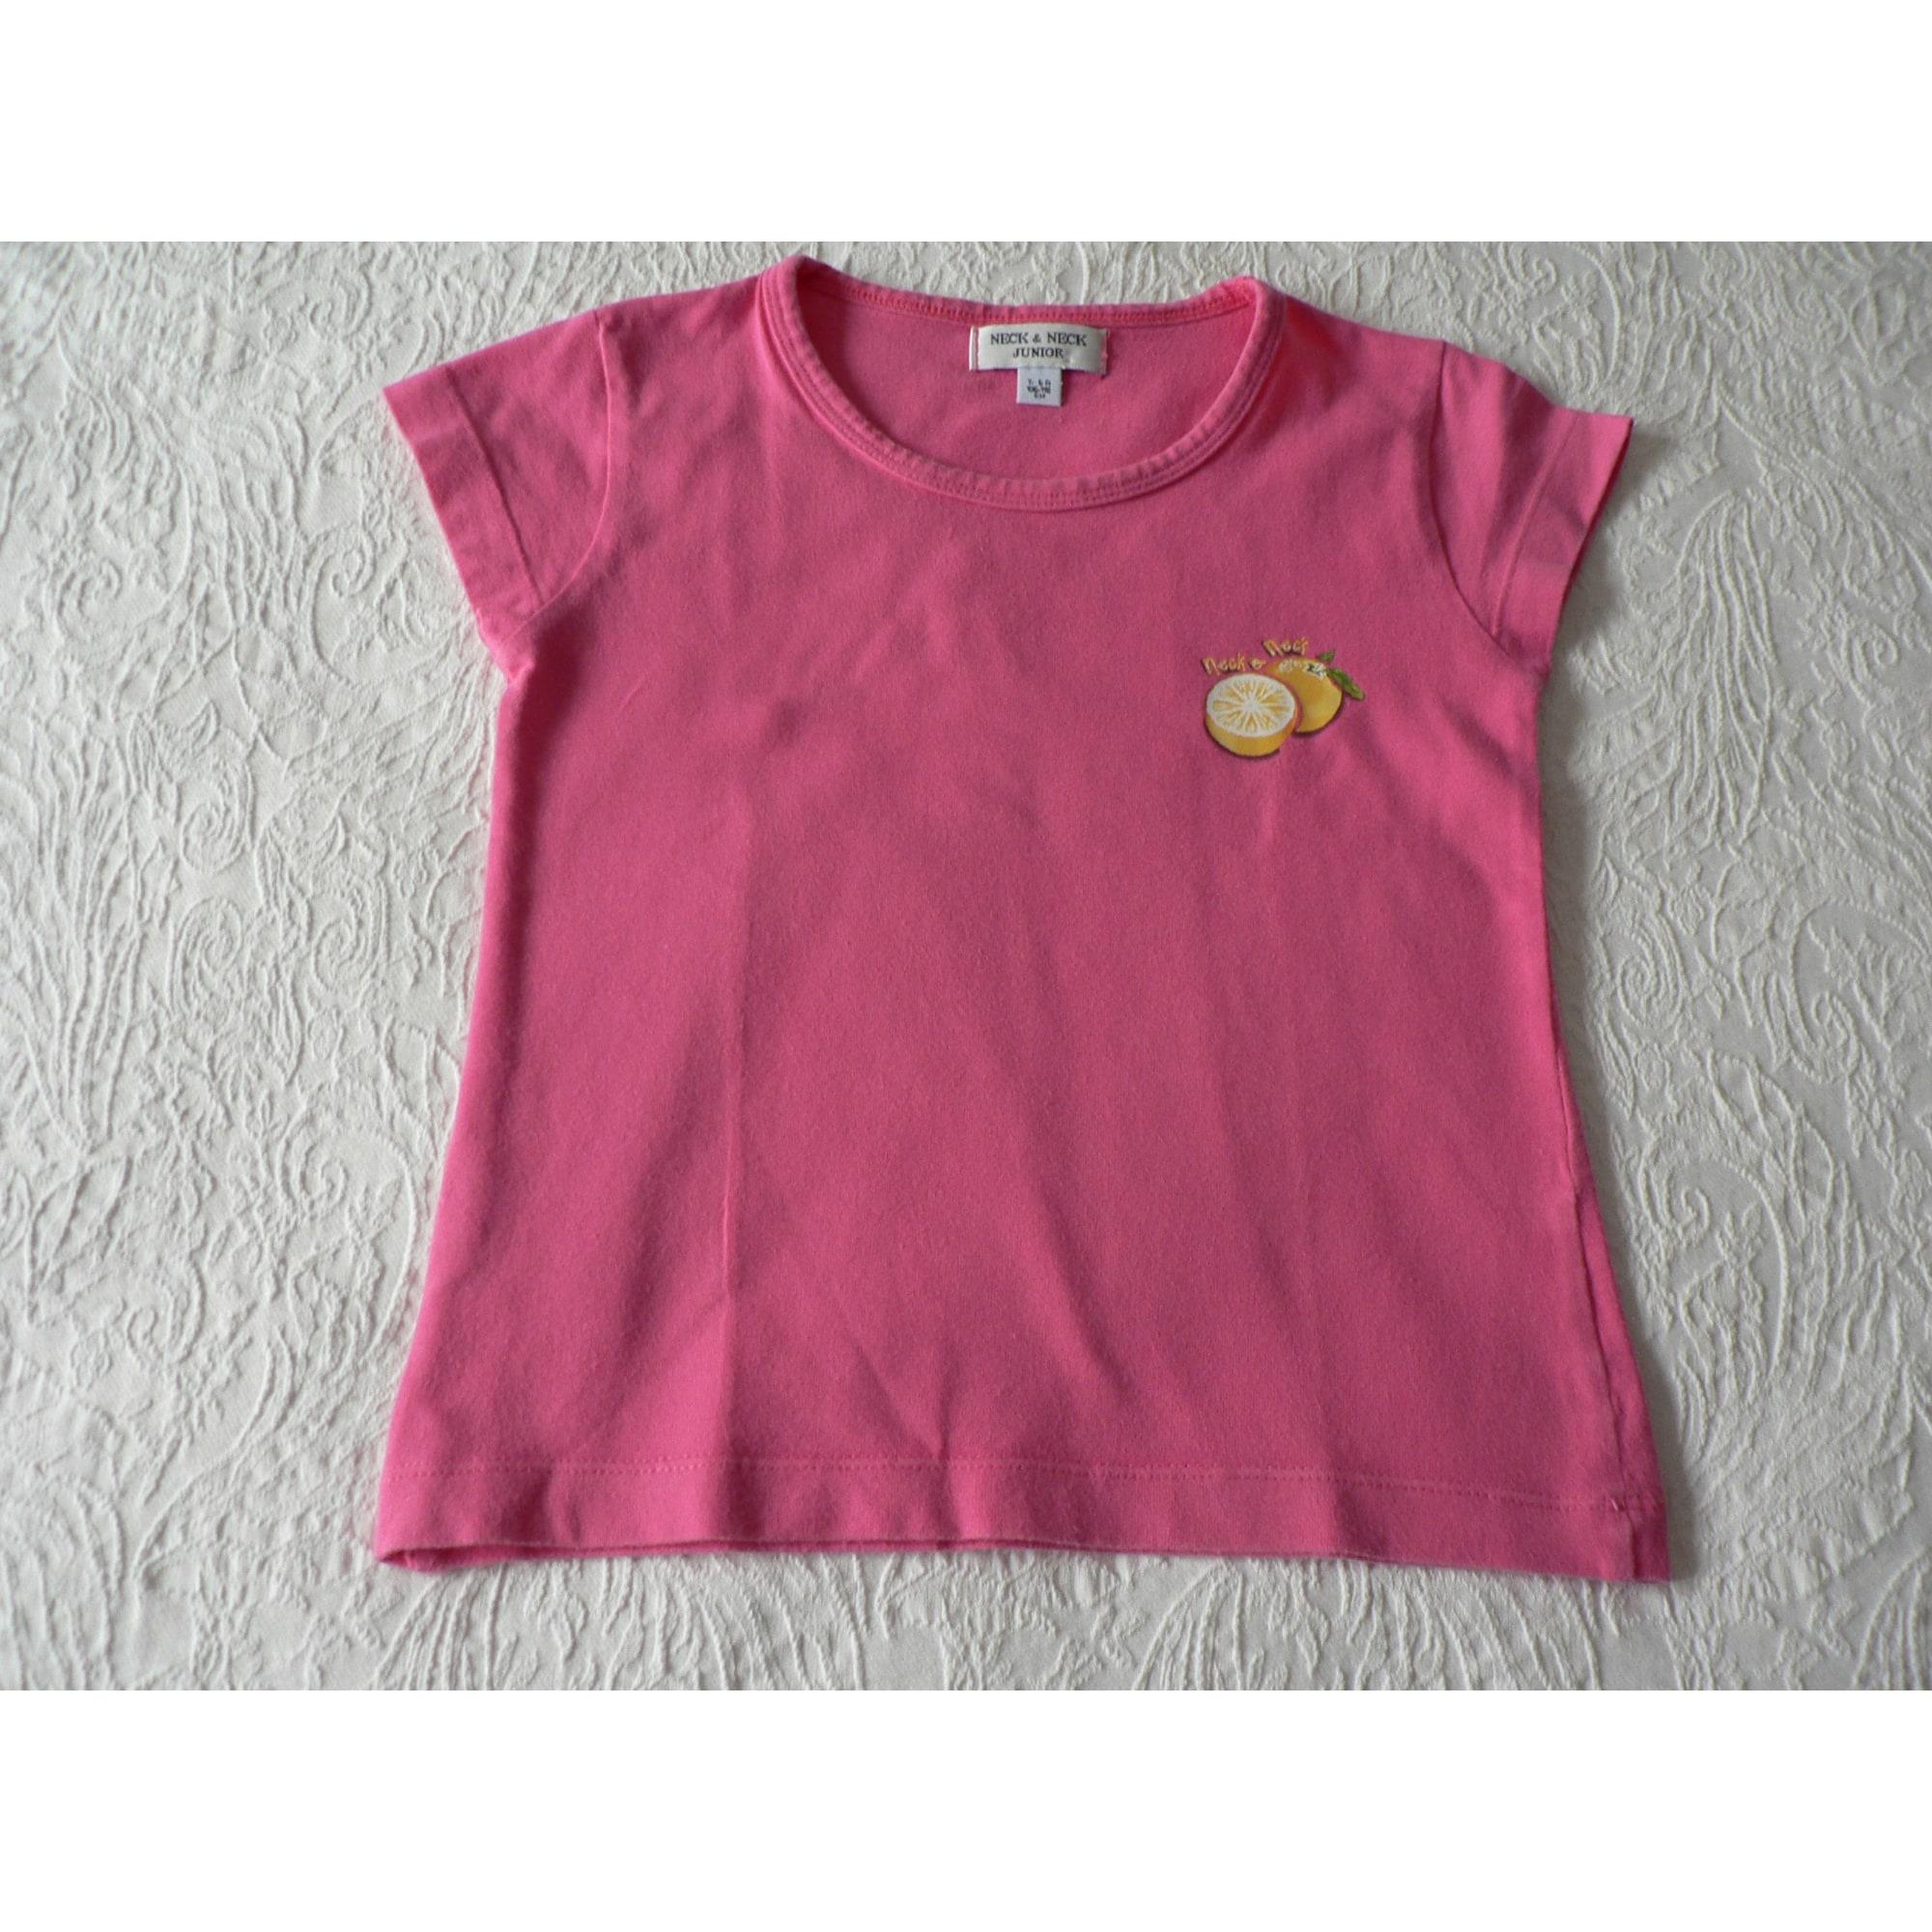 Top, Tee-shirt NECK AND NECK Rose, fuschia, vieux rose